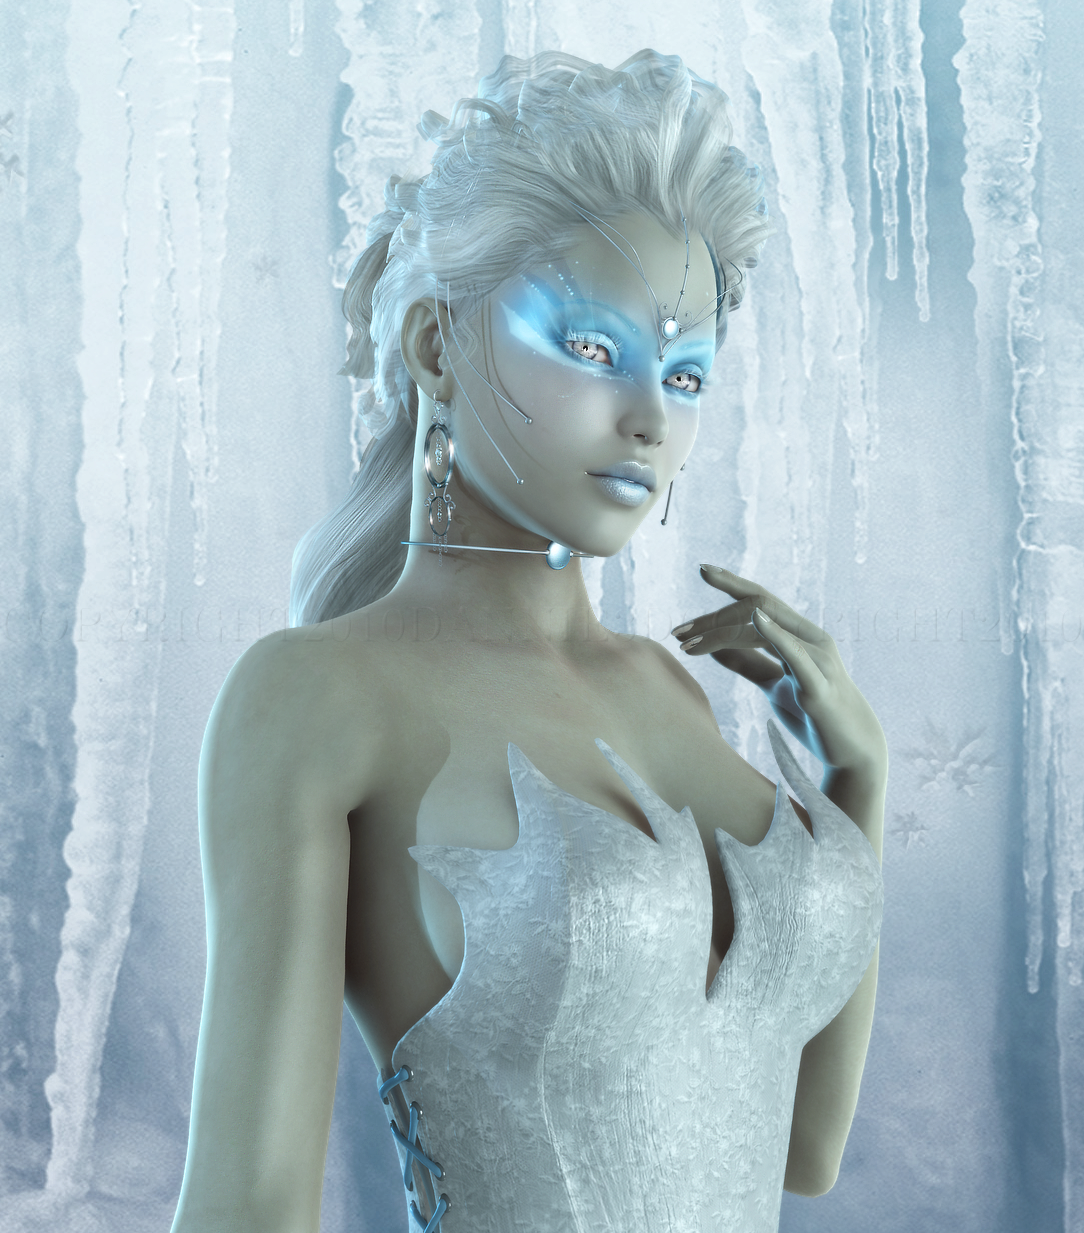 Sexe avec de la glace